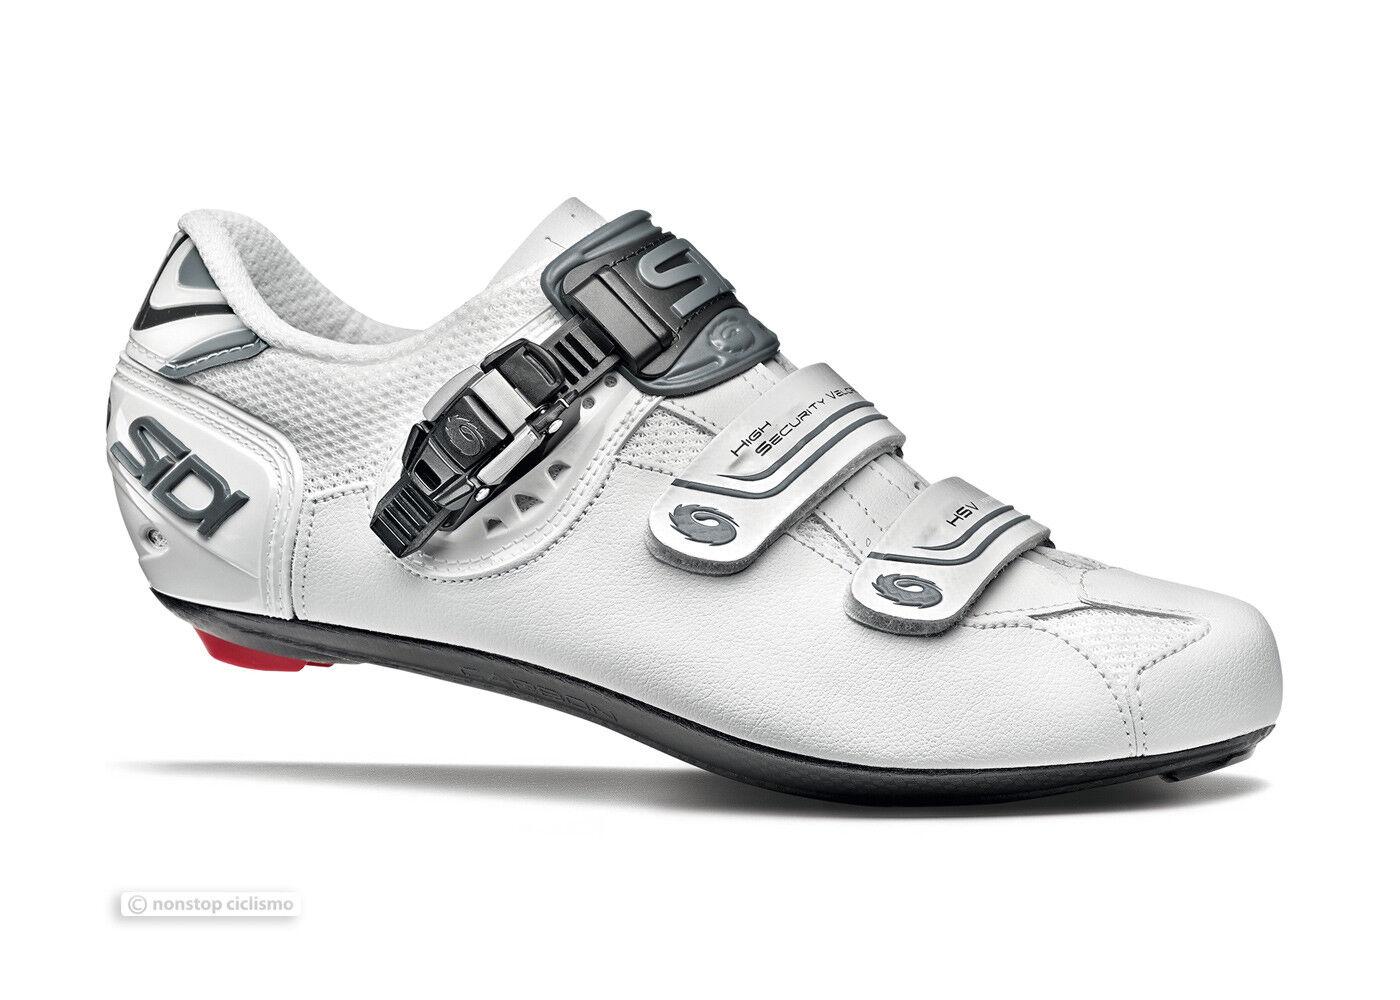 NEW 2019 Sidi GENIUS 7 MEGA Wide Road Cycling shoes   SHADOW WHITE